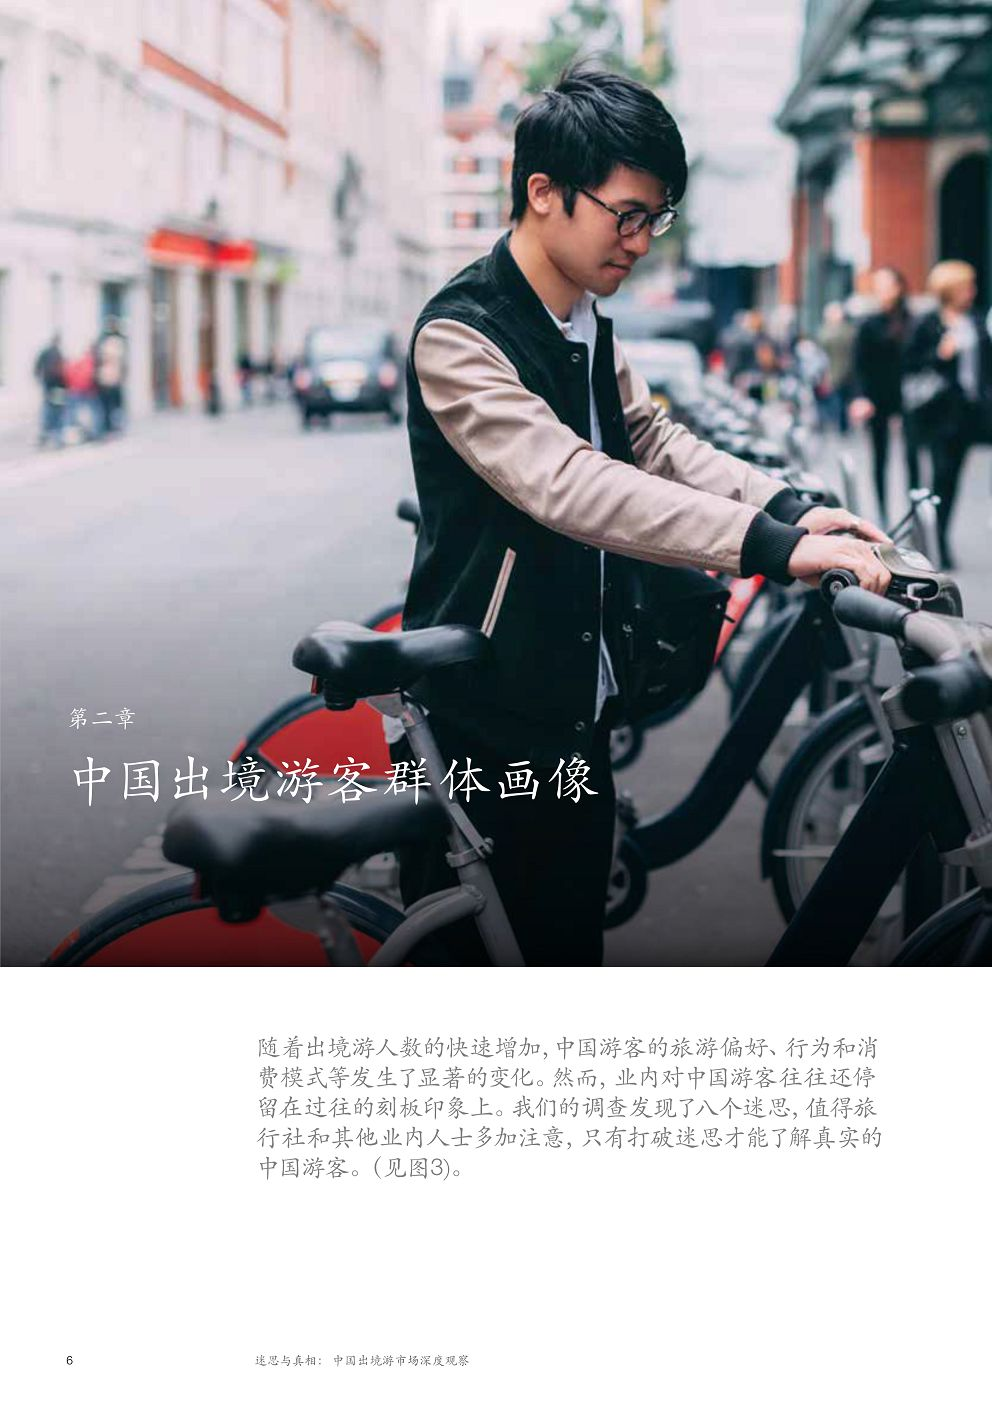 McK_China-tourism-report-2018_CN_10